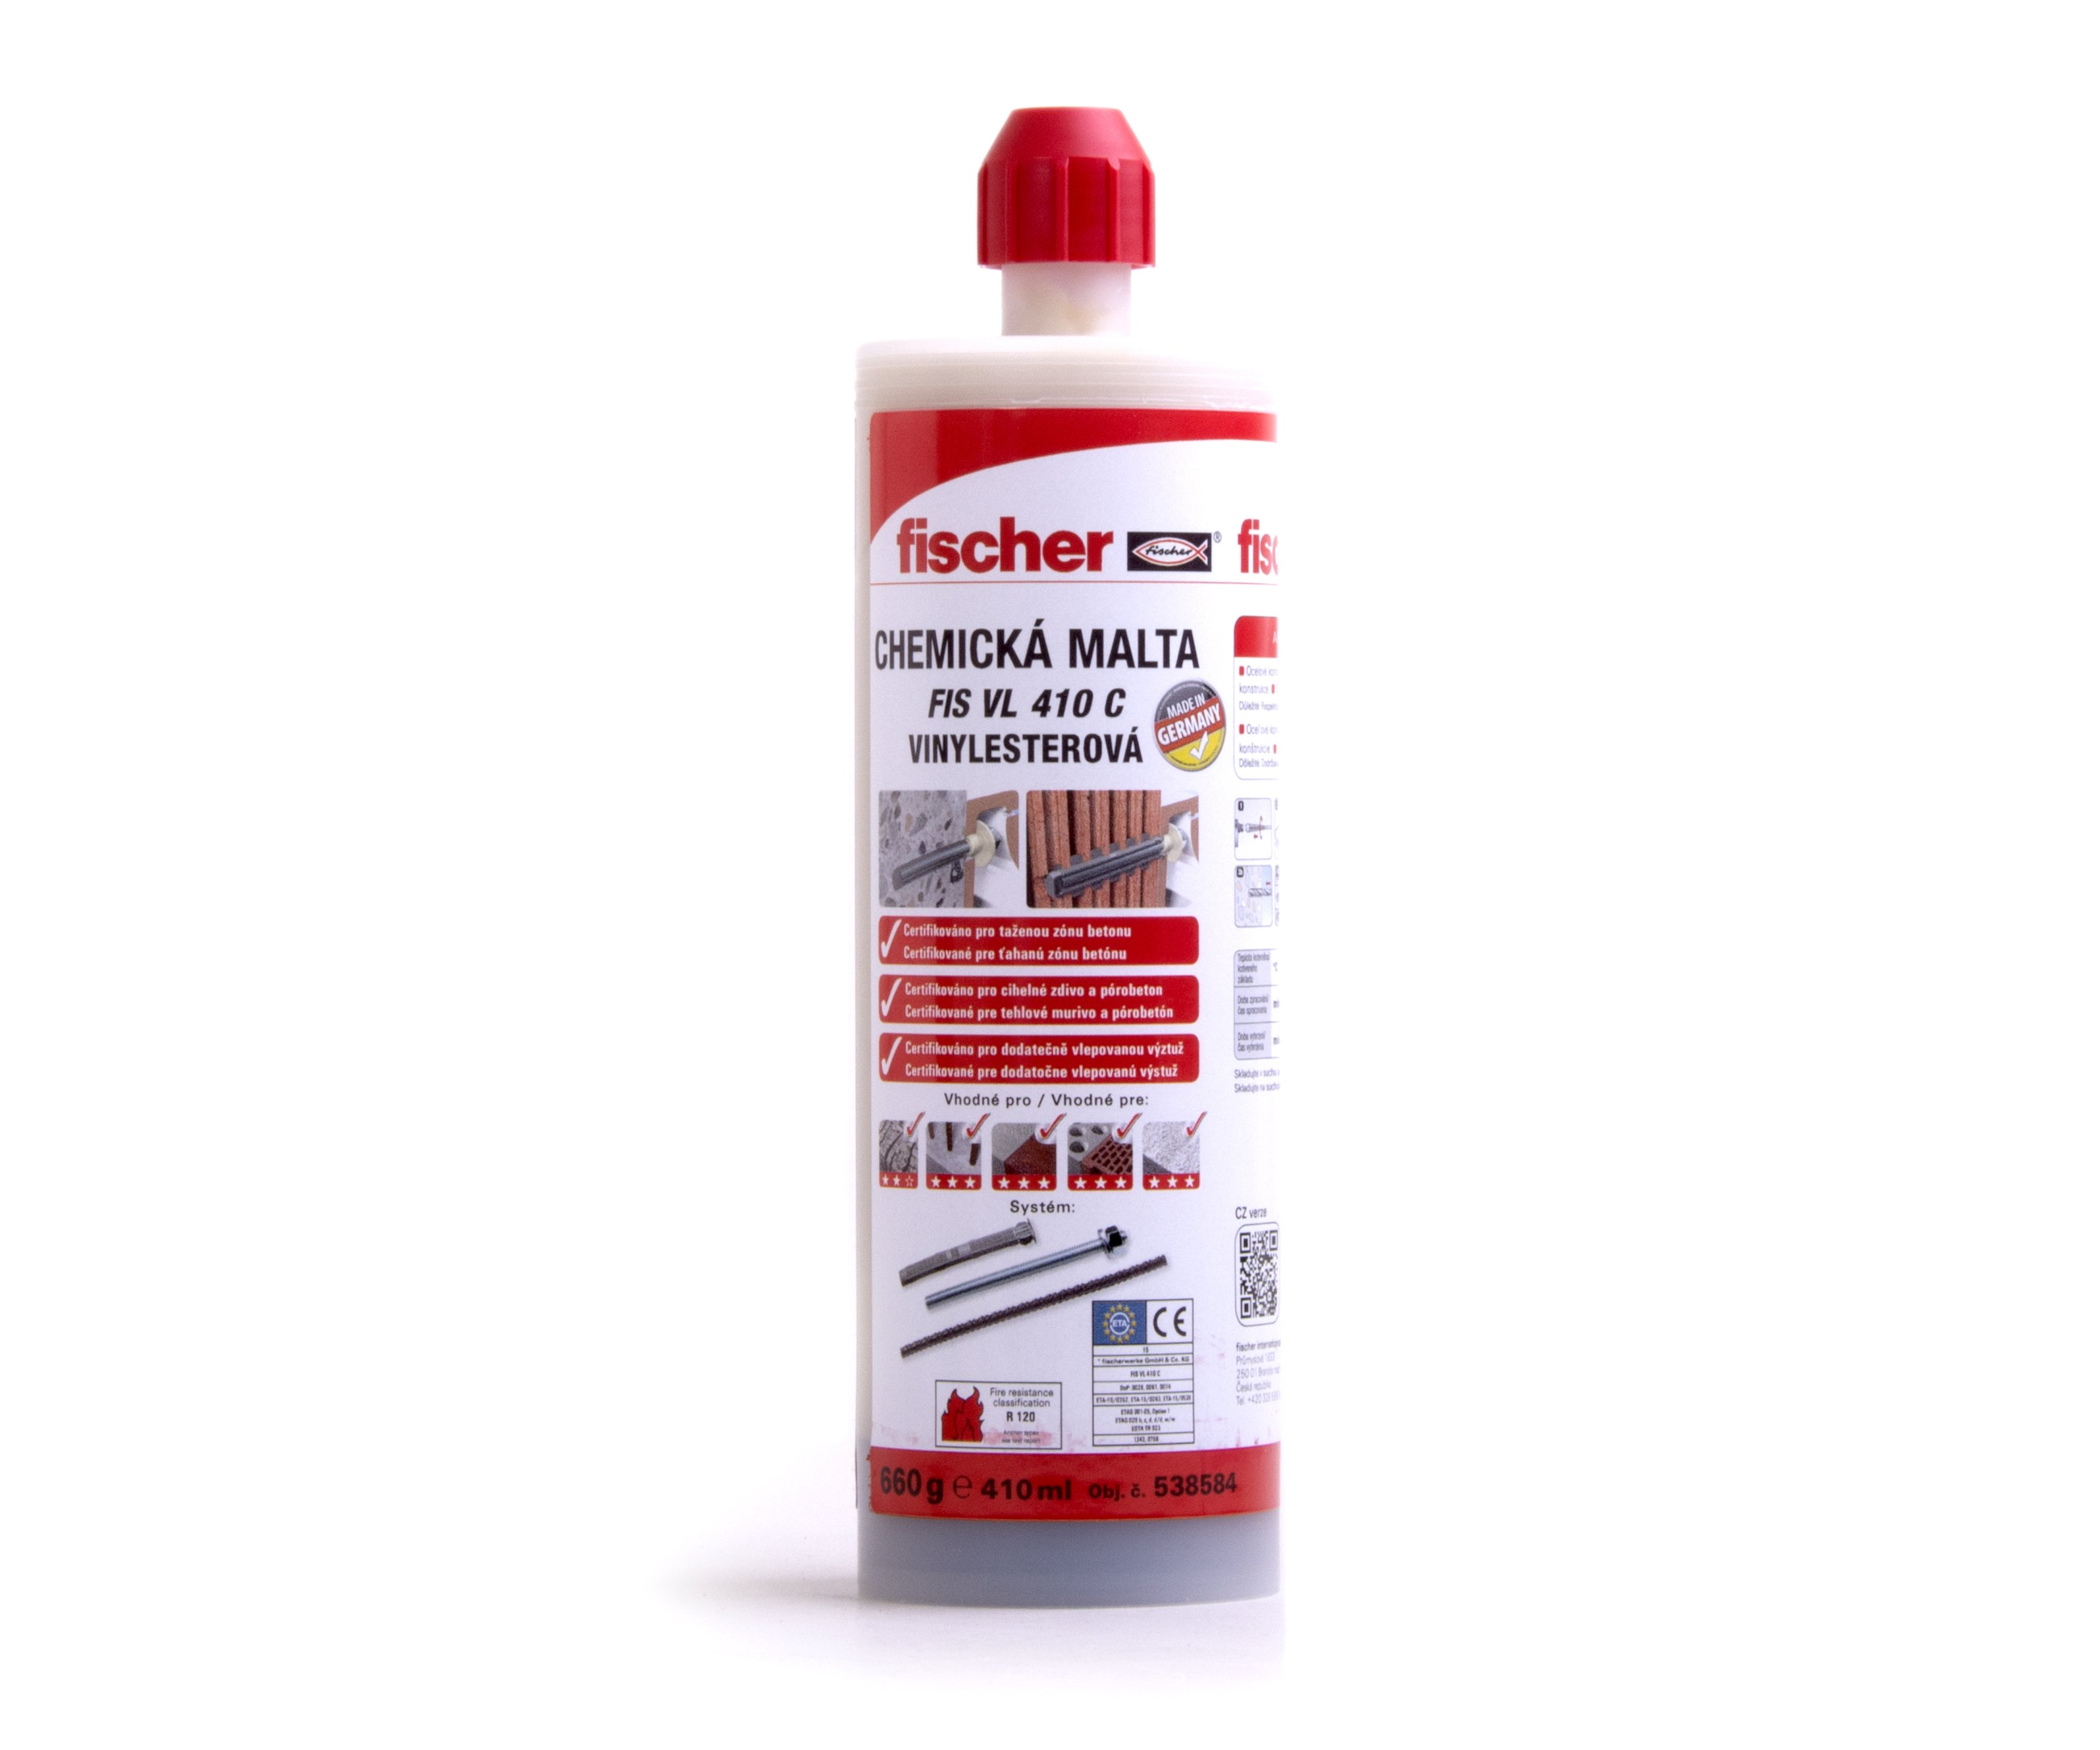 Chemická malta FIS VL 410 C Fischer